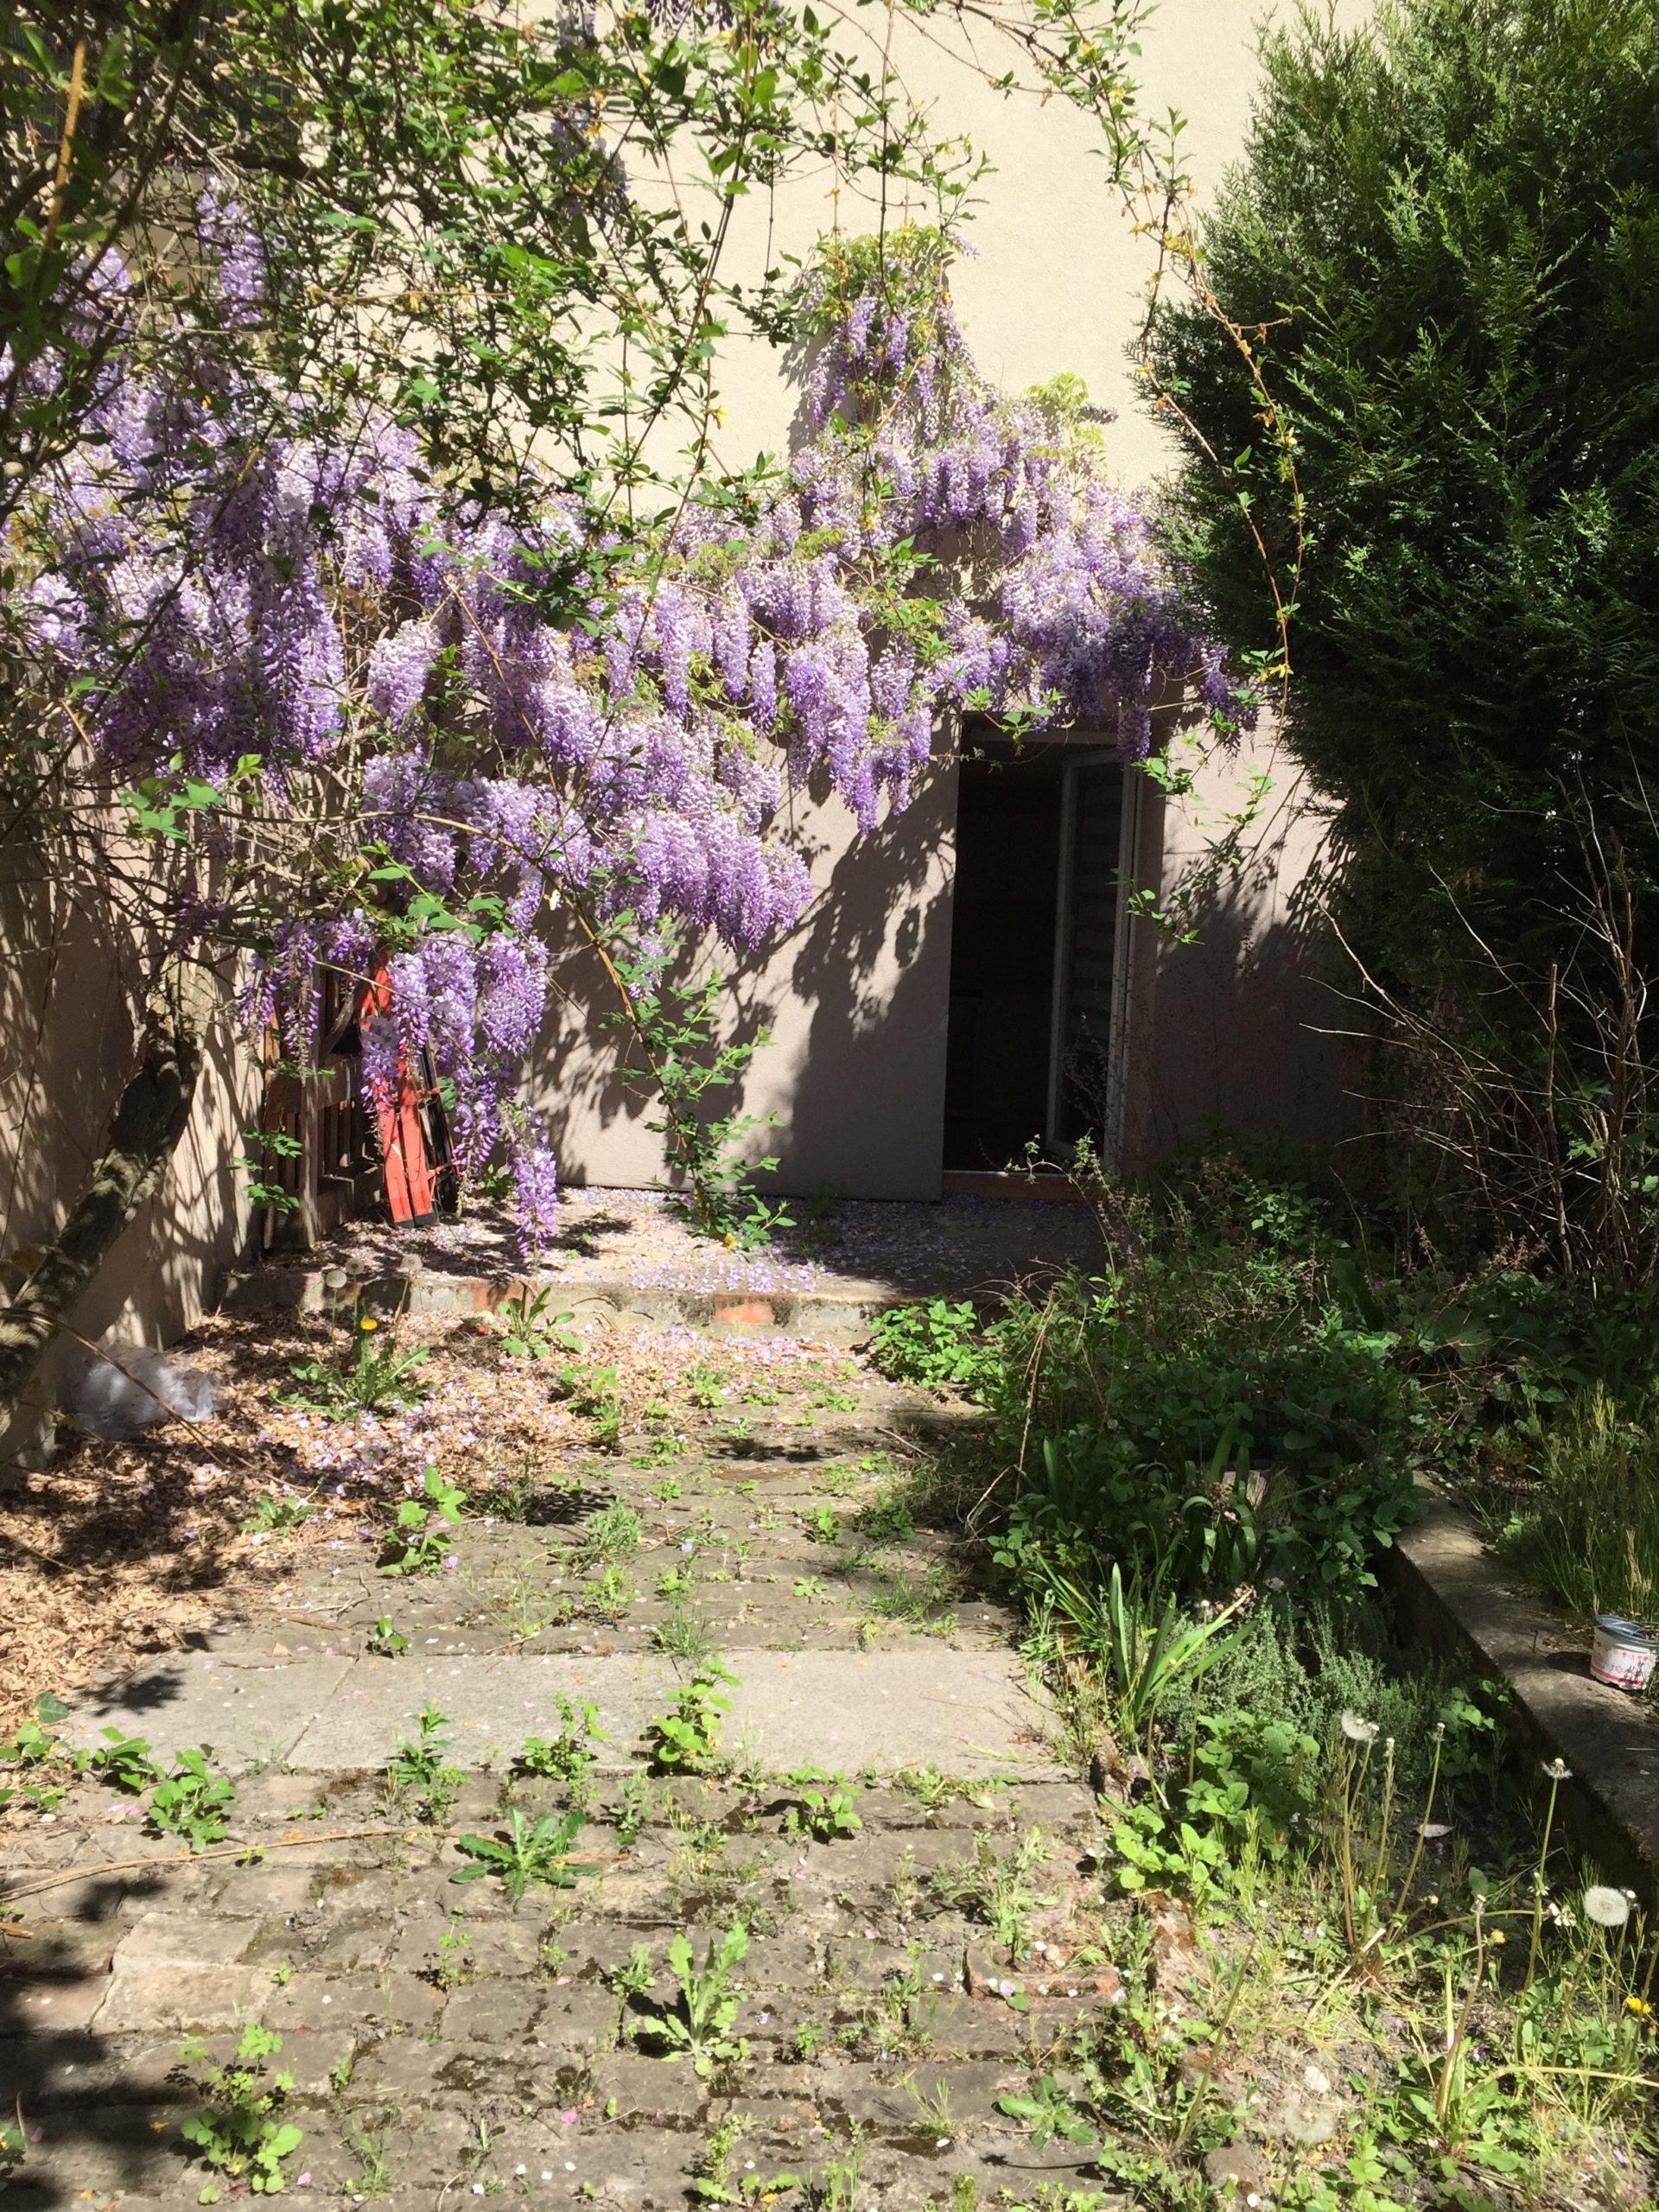 Strasbourg-NEUDORF, Appartement 39 m2 avec jardin privatif de 45 m2, sans vis à vis.